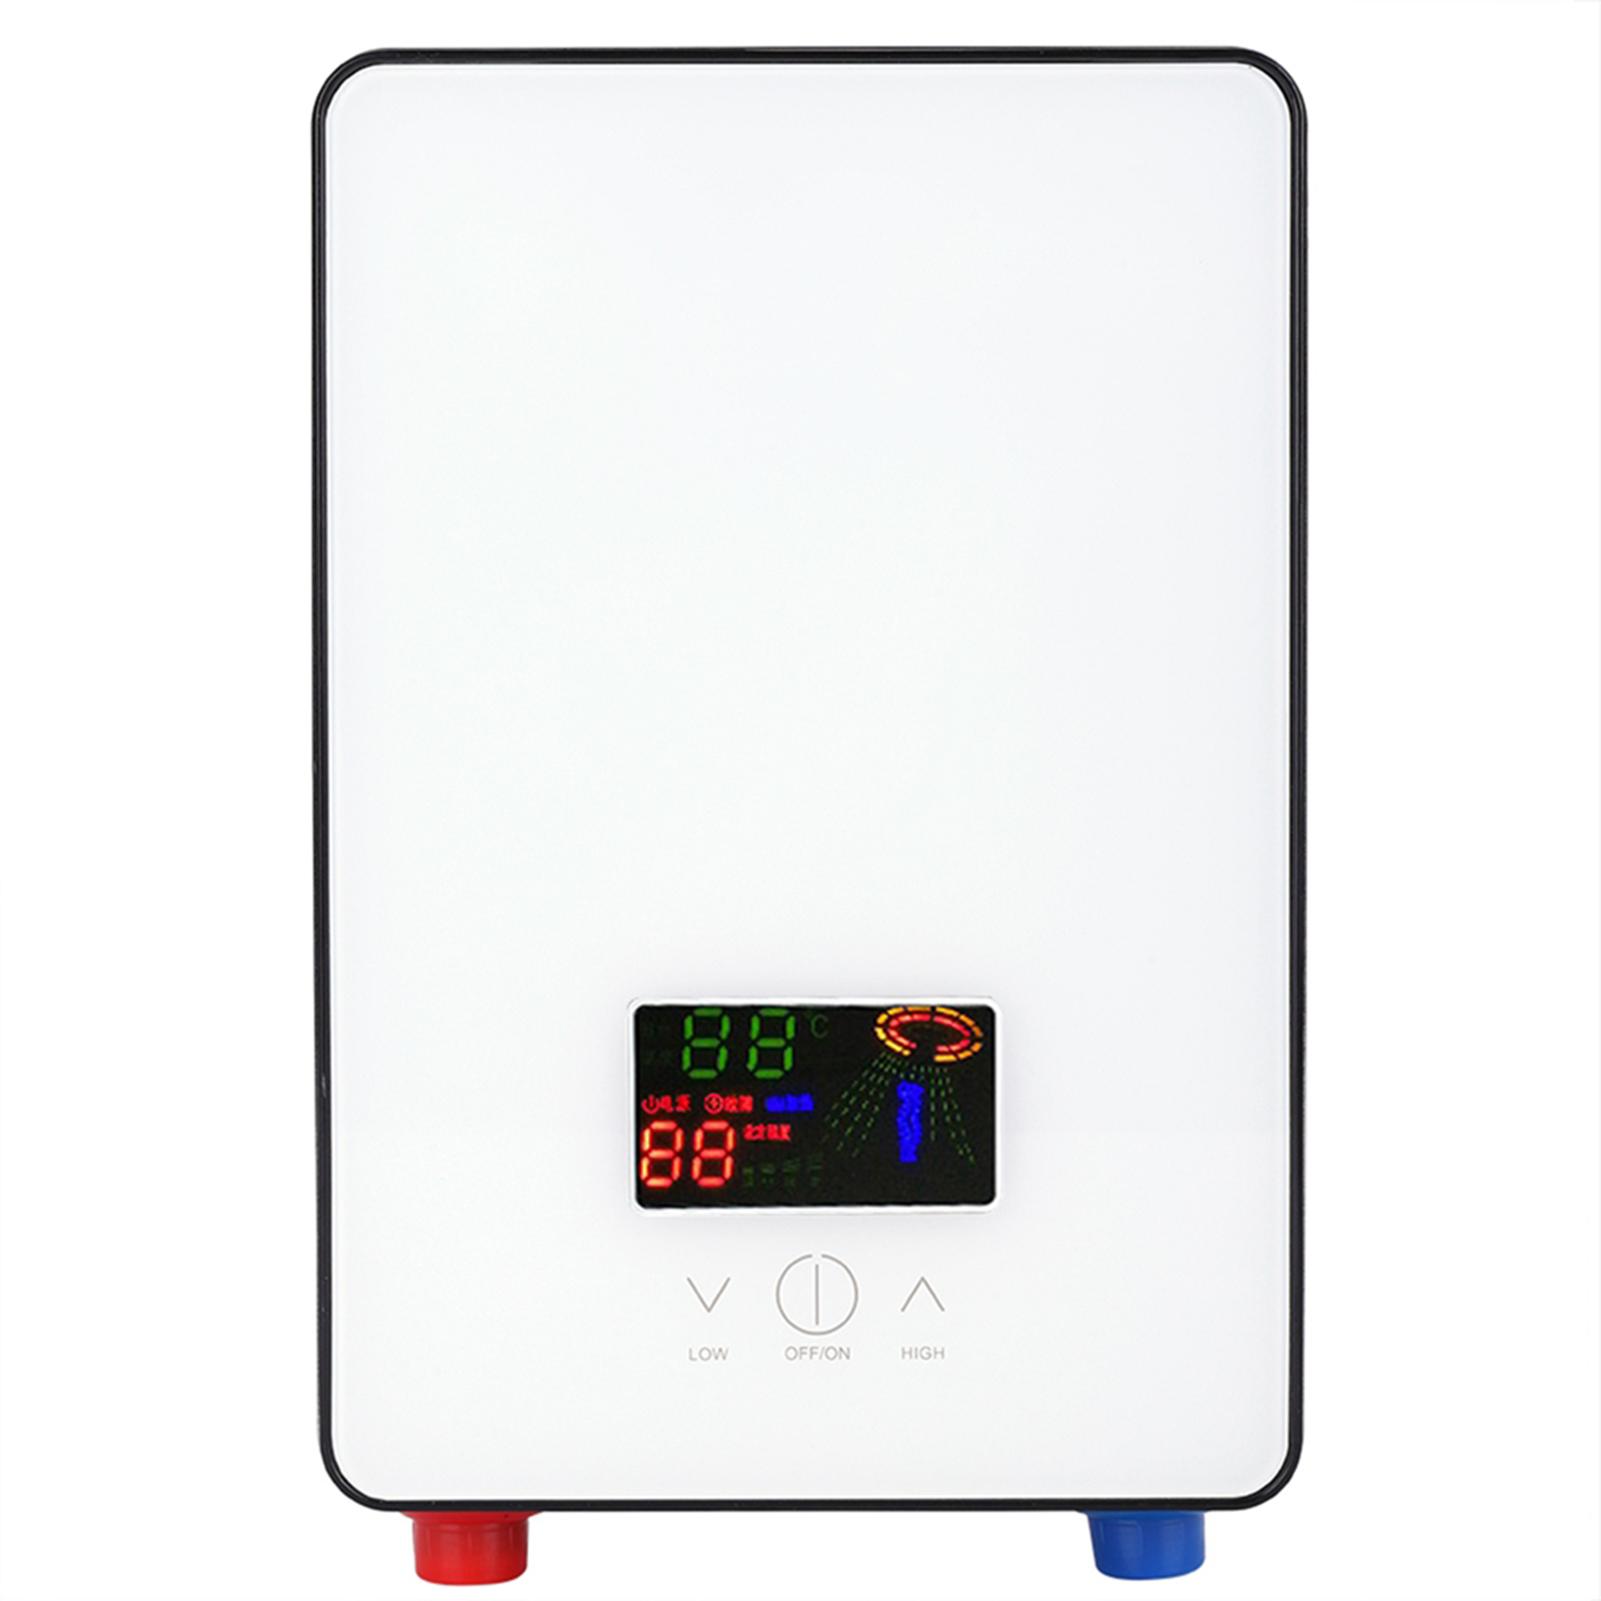 Scaldabagno scaldacqua elettrico istantaneo riscaldatore bagno doccia casa 6500w ebay - Scaldabagno elettrico istantaneo ...